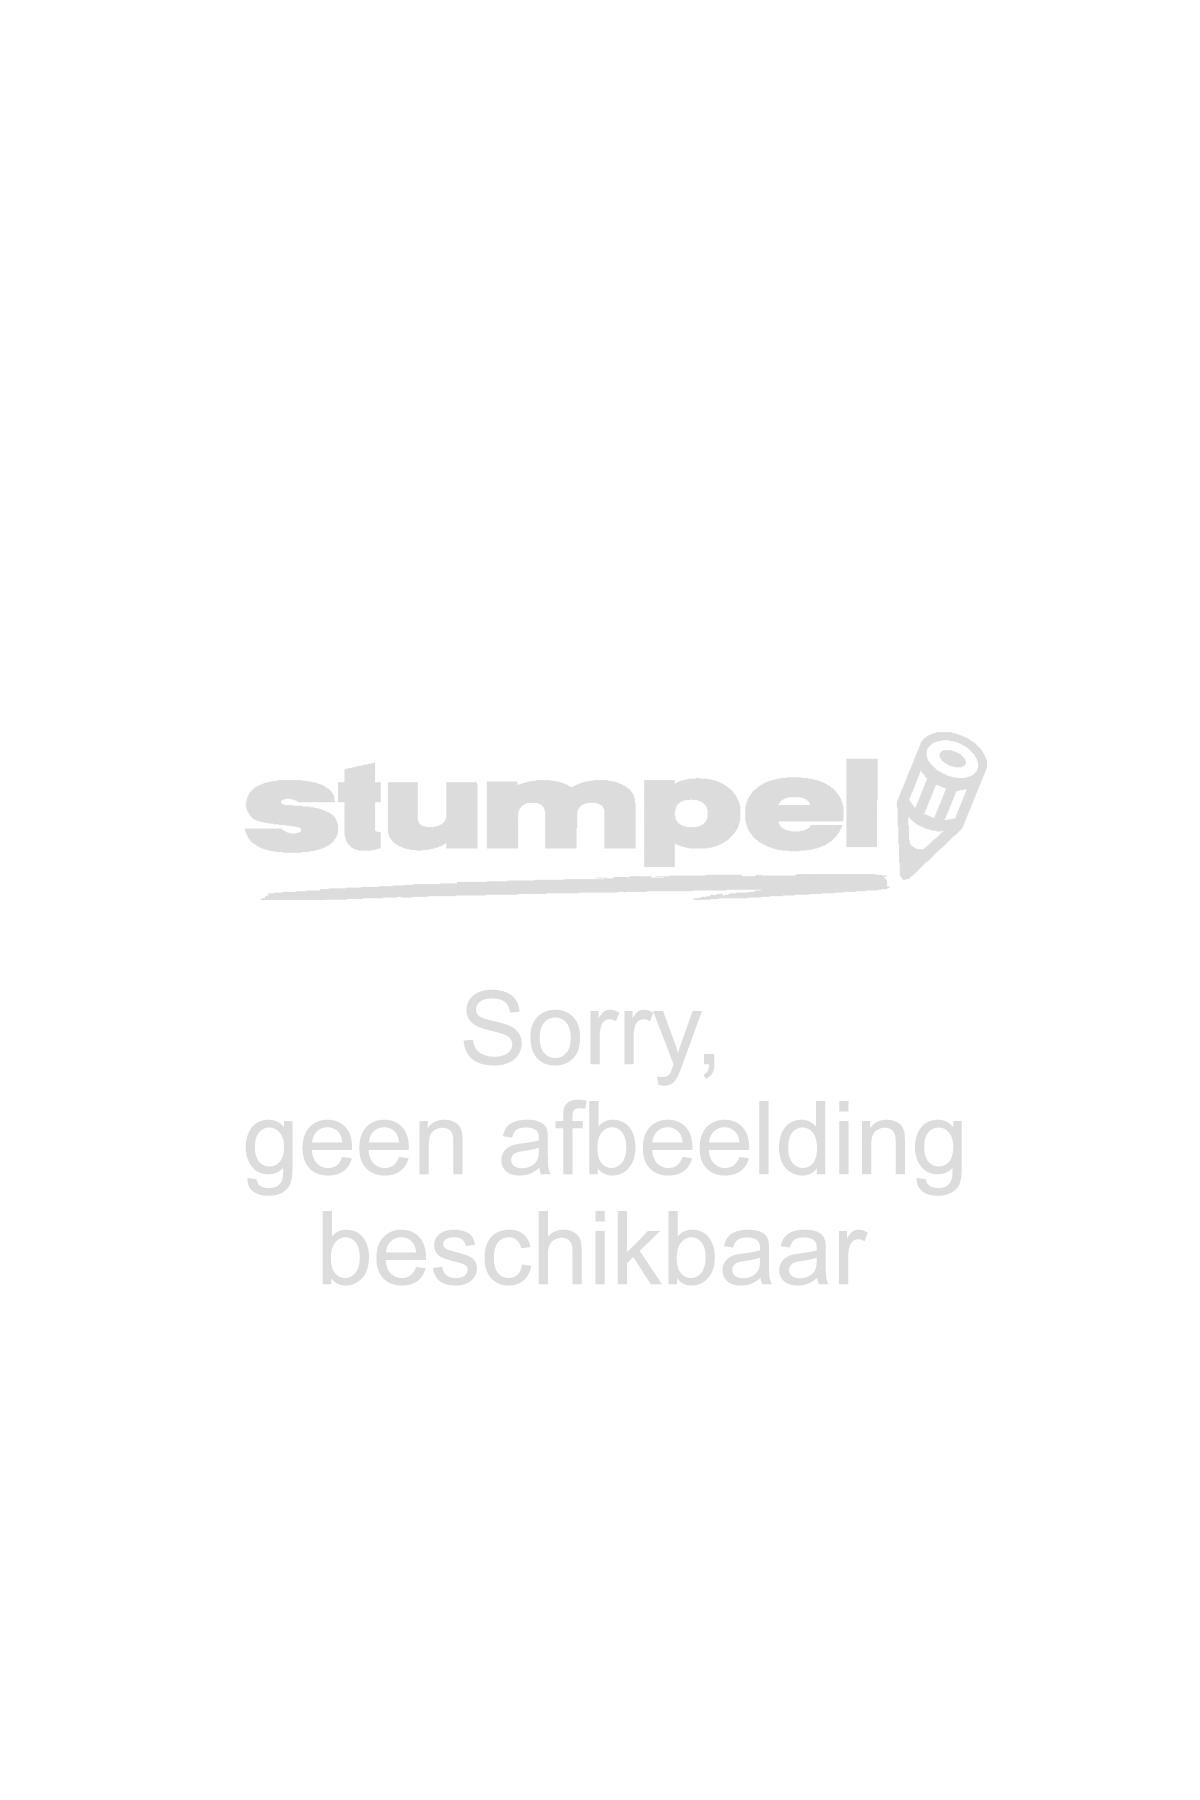 viltstift-edding-8020-huid-rond-blauw-1mm-631563